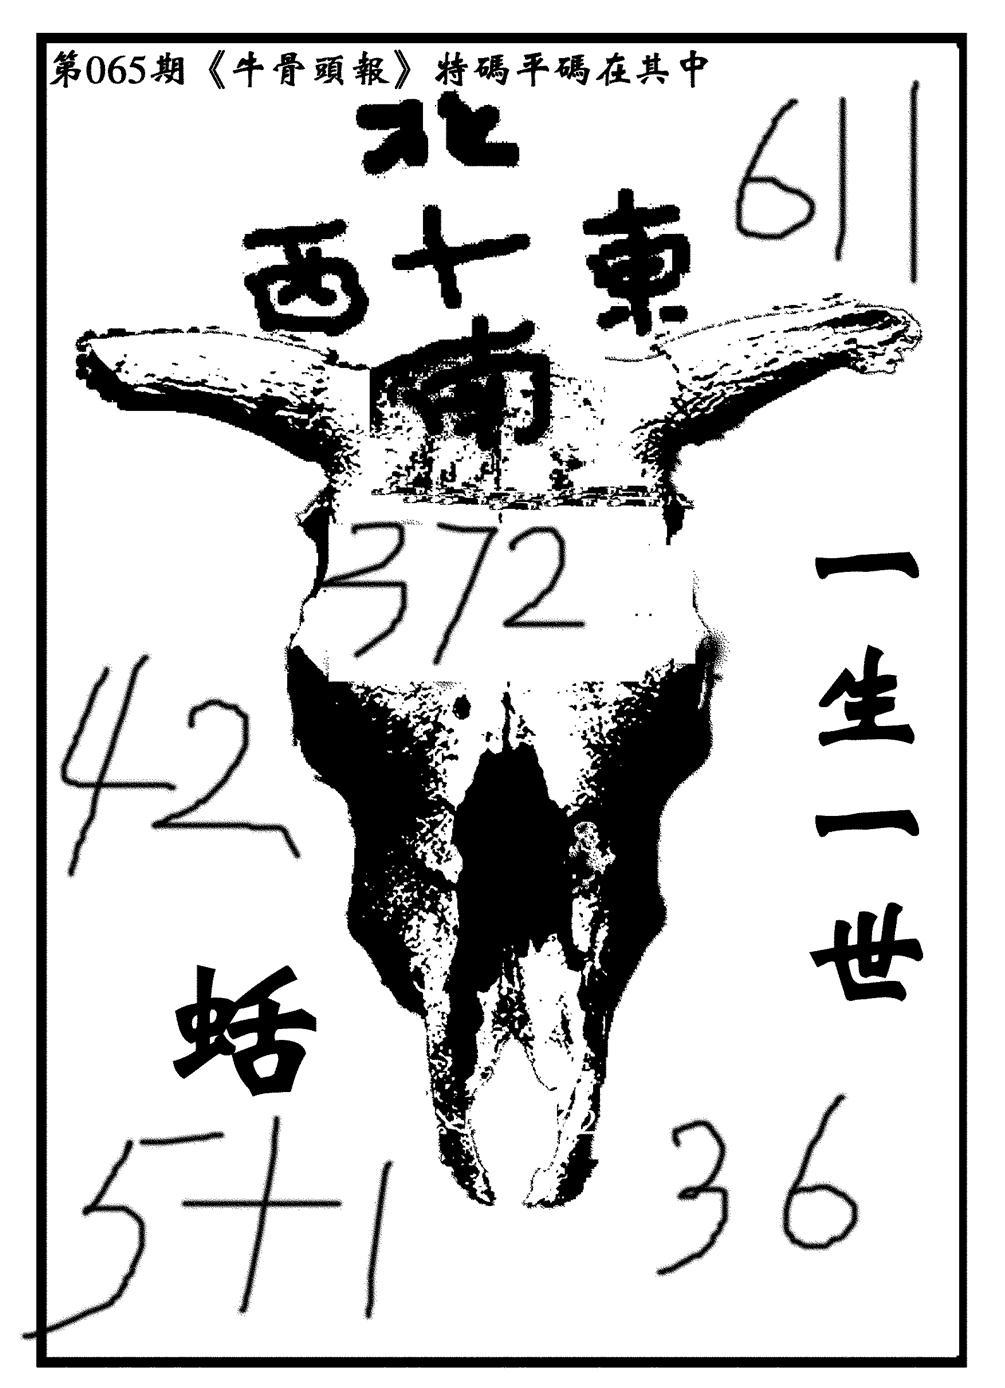 065期牛头报(黑白)